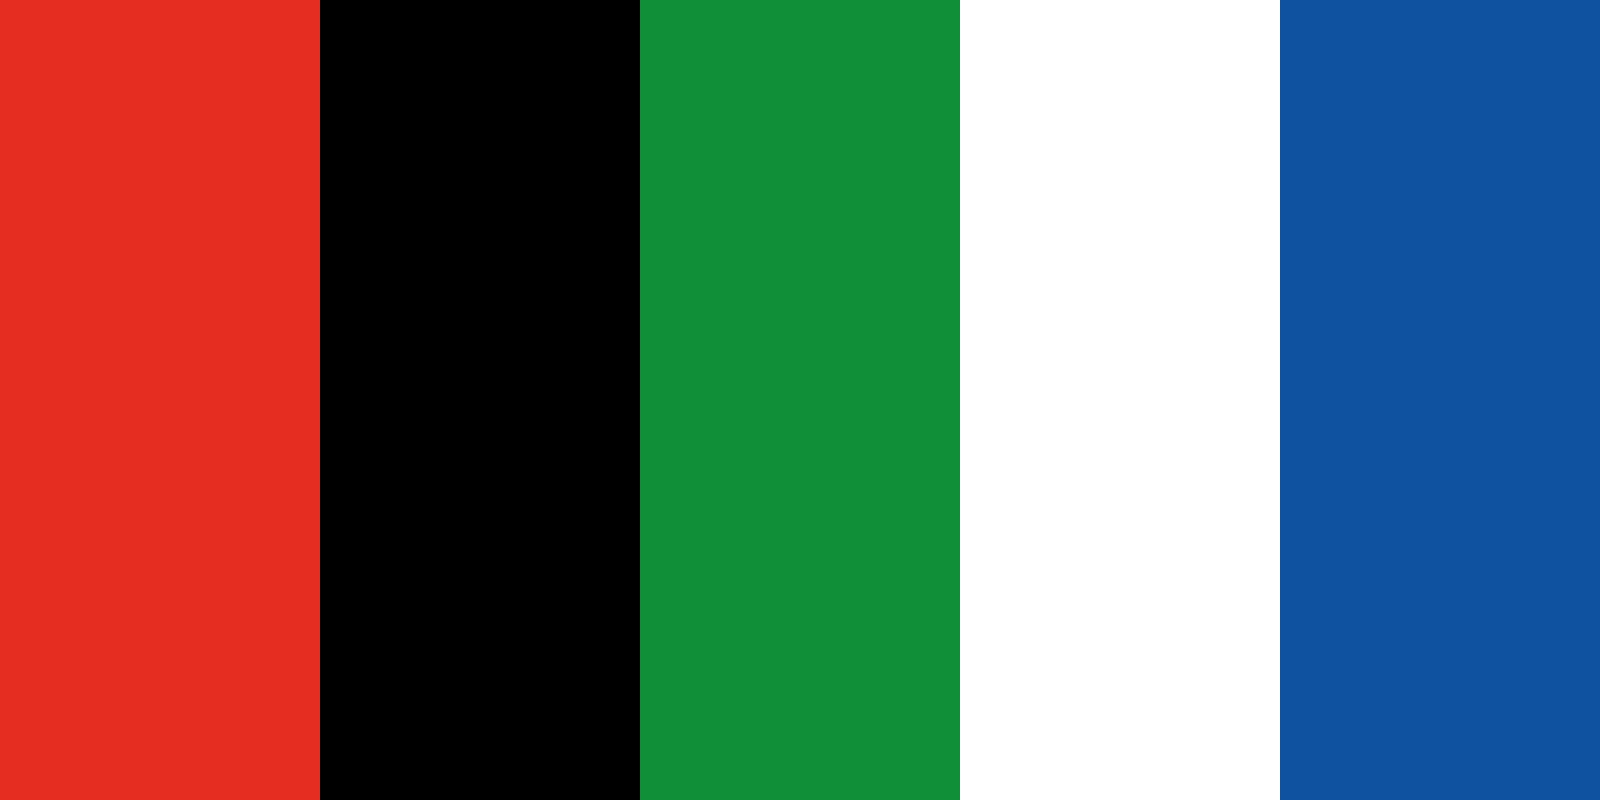 Banderas del Noreste